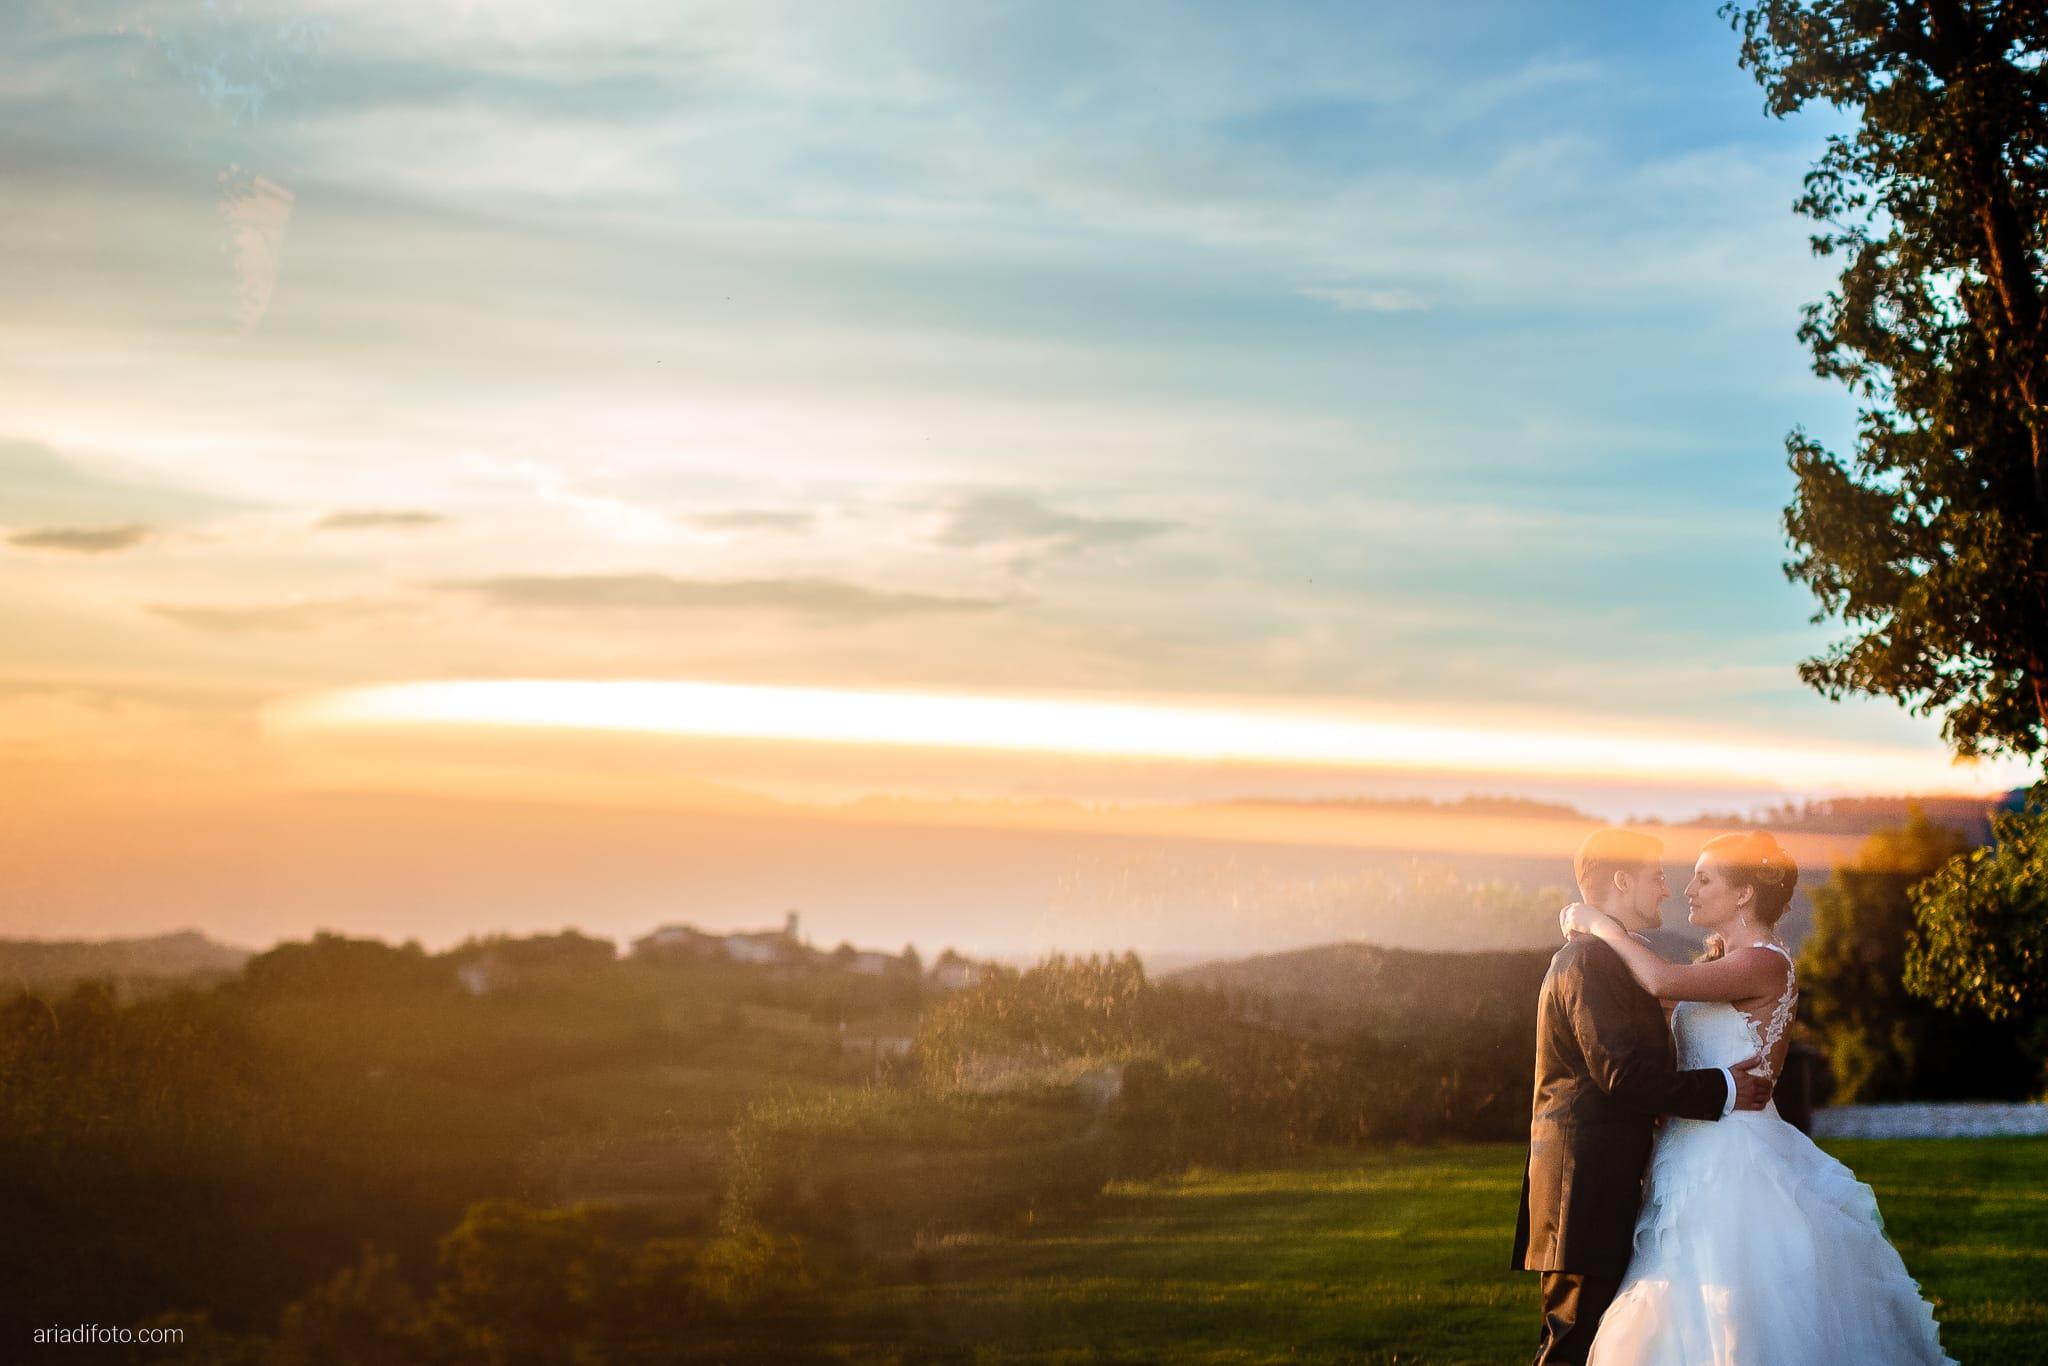 Martina Daniele Matrimonio Duino Baronesse Tacco Collio Gorizia ritratti sposi tramonto riflesso